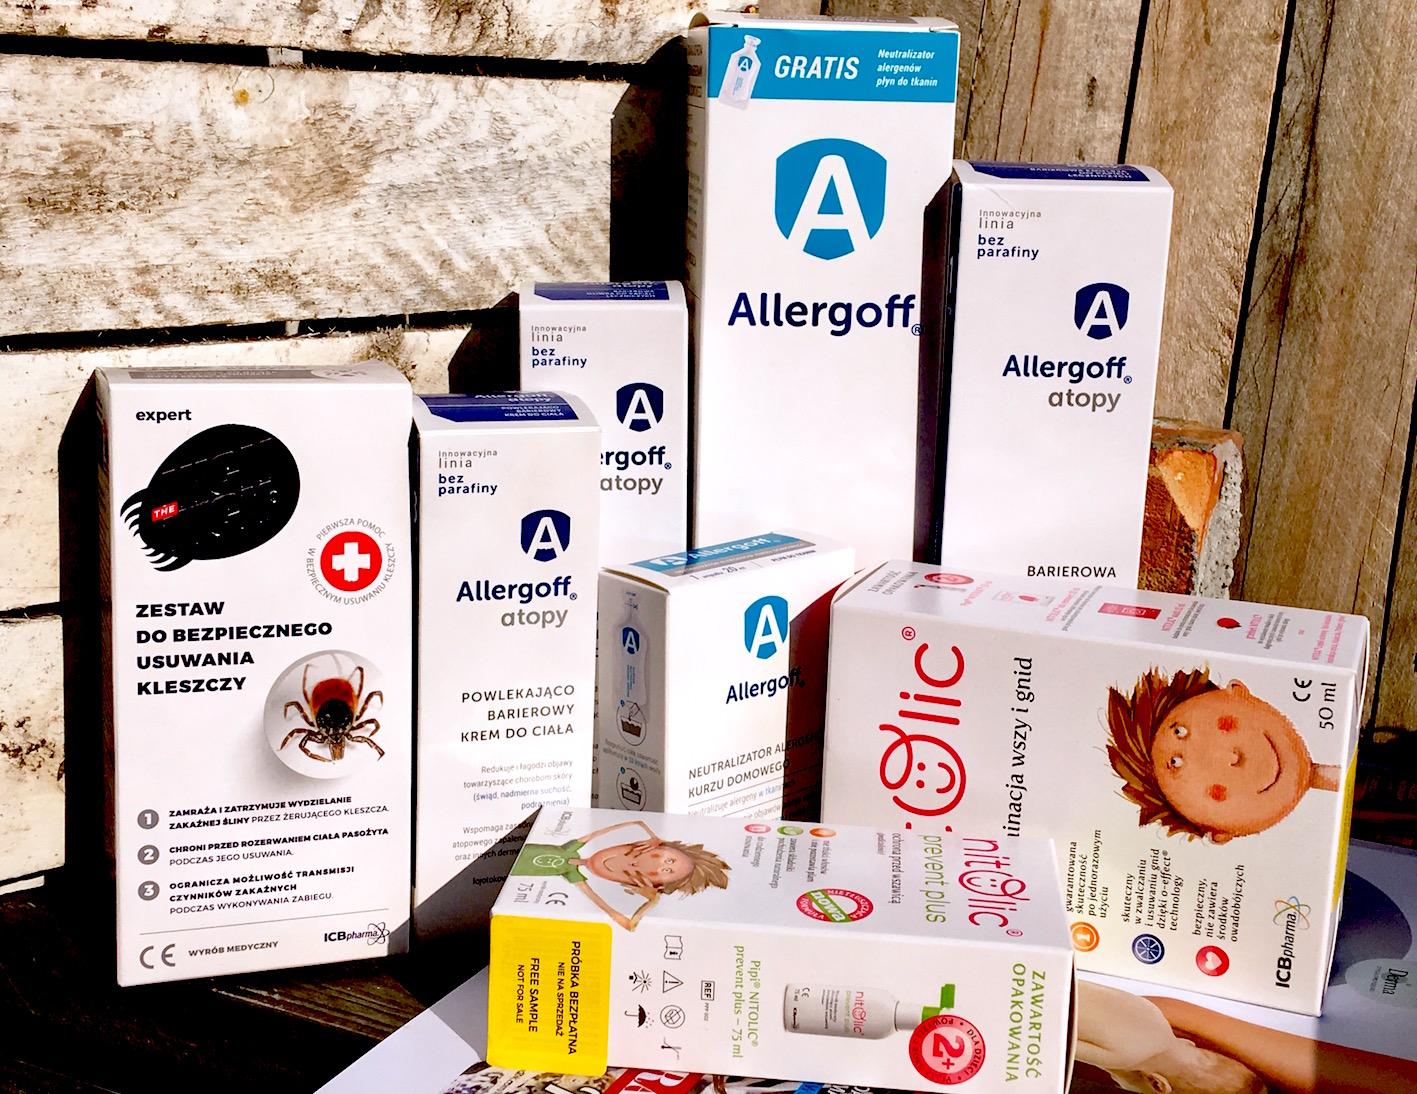 hipoalergiczni-konkurs-5-urodziny-2018-Allergoff